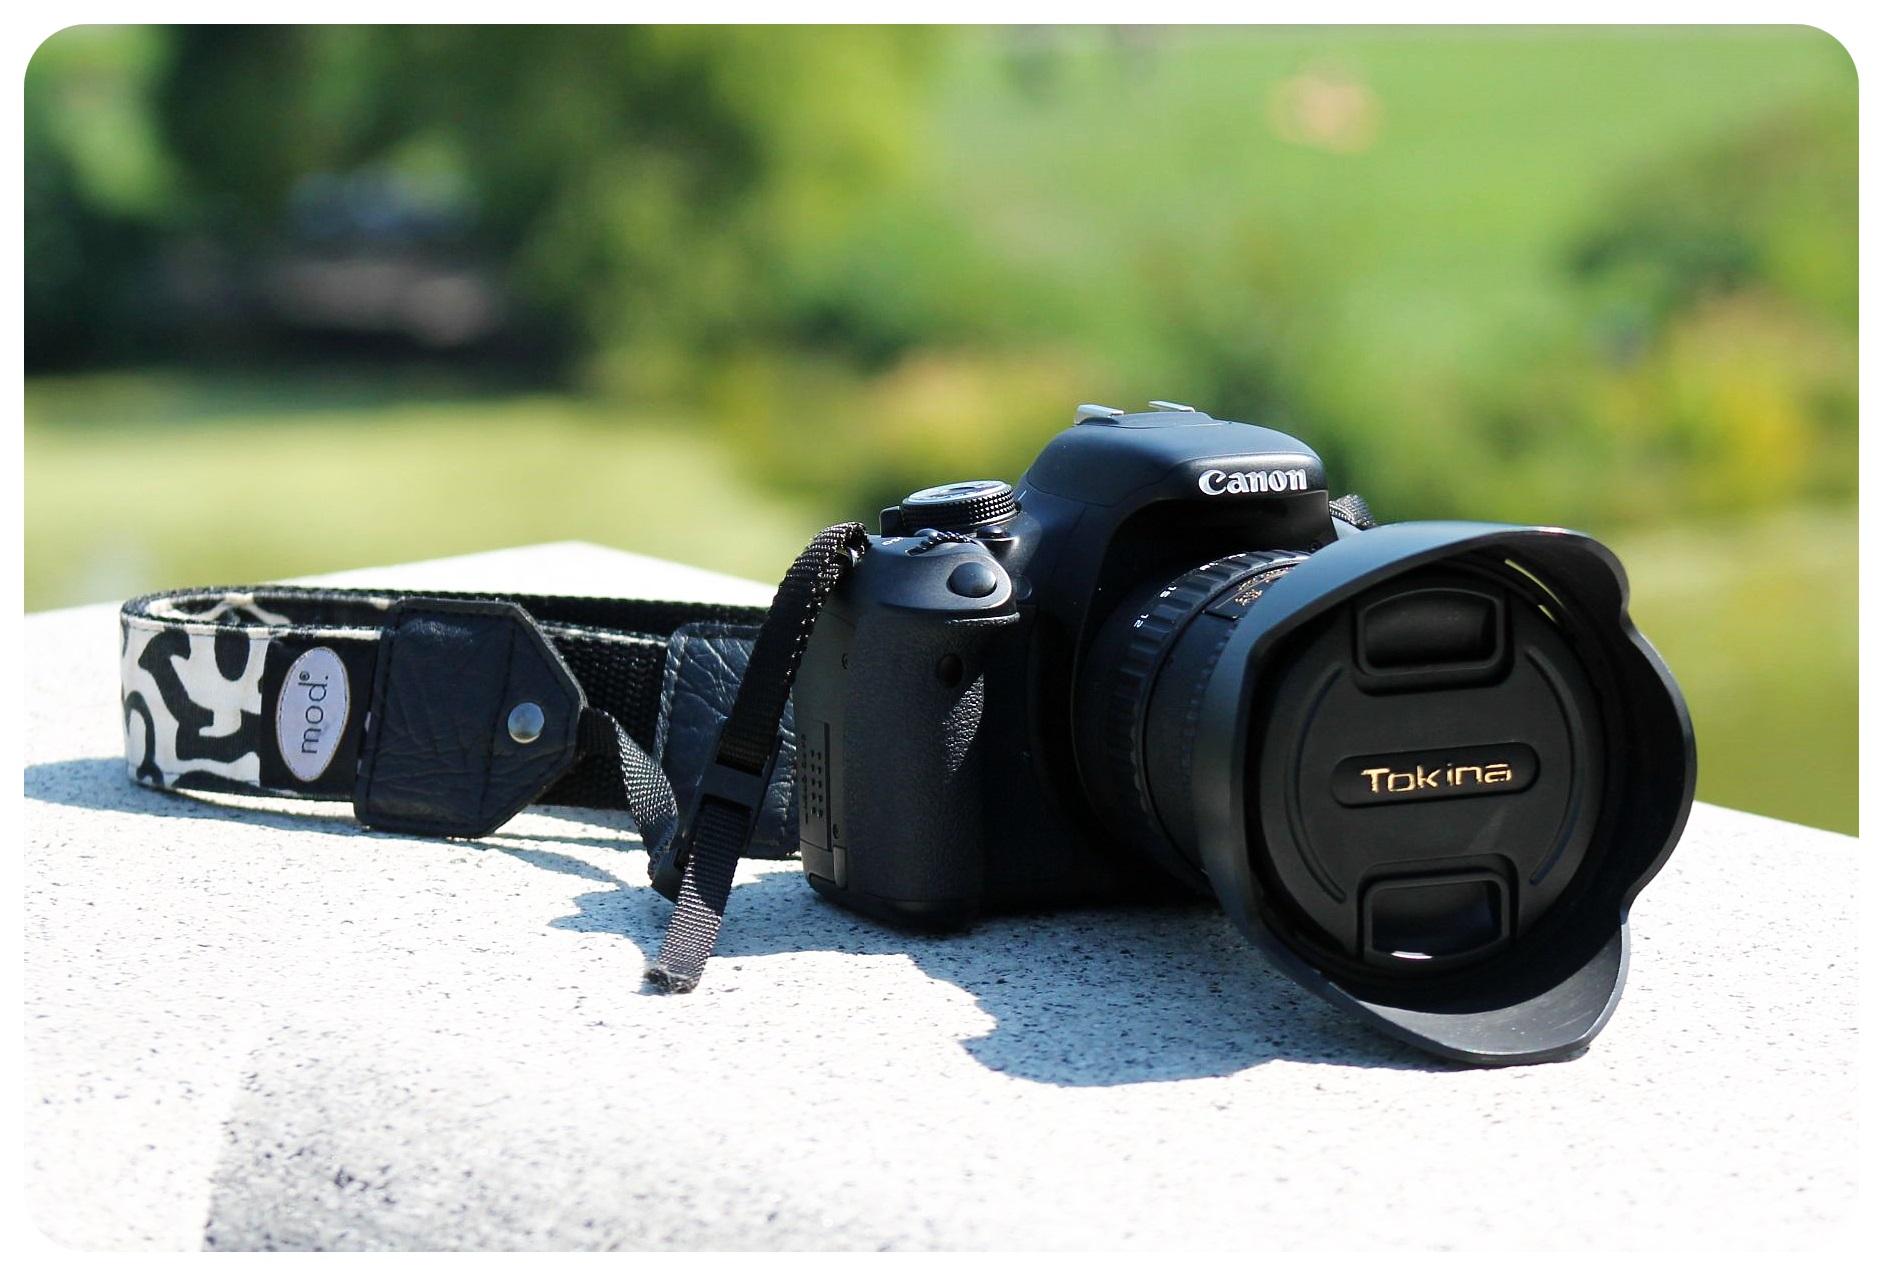 camera with tokina lens